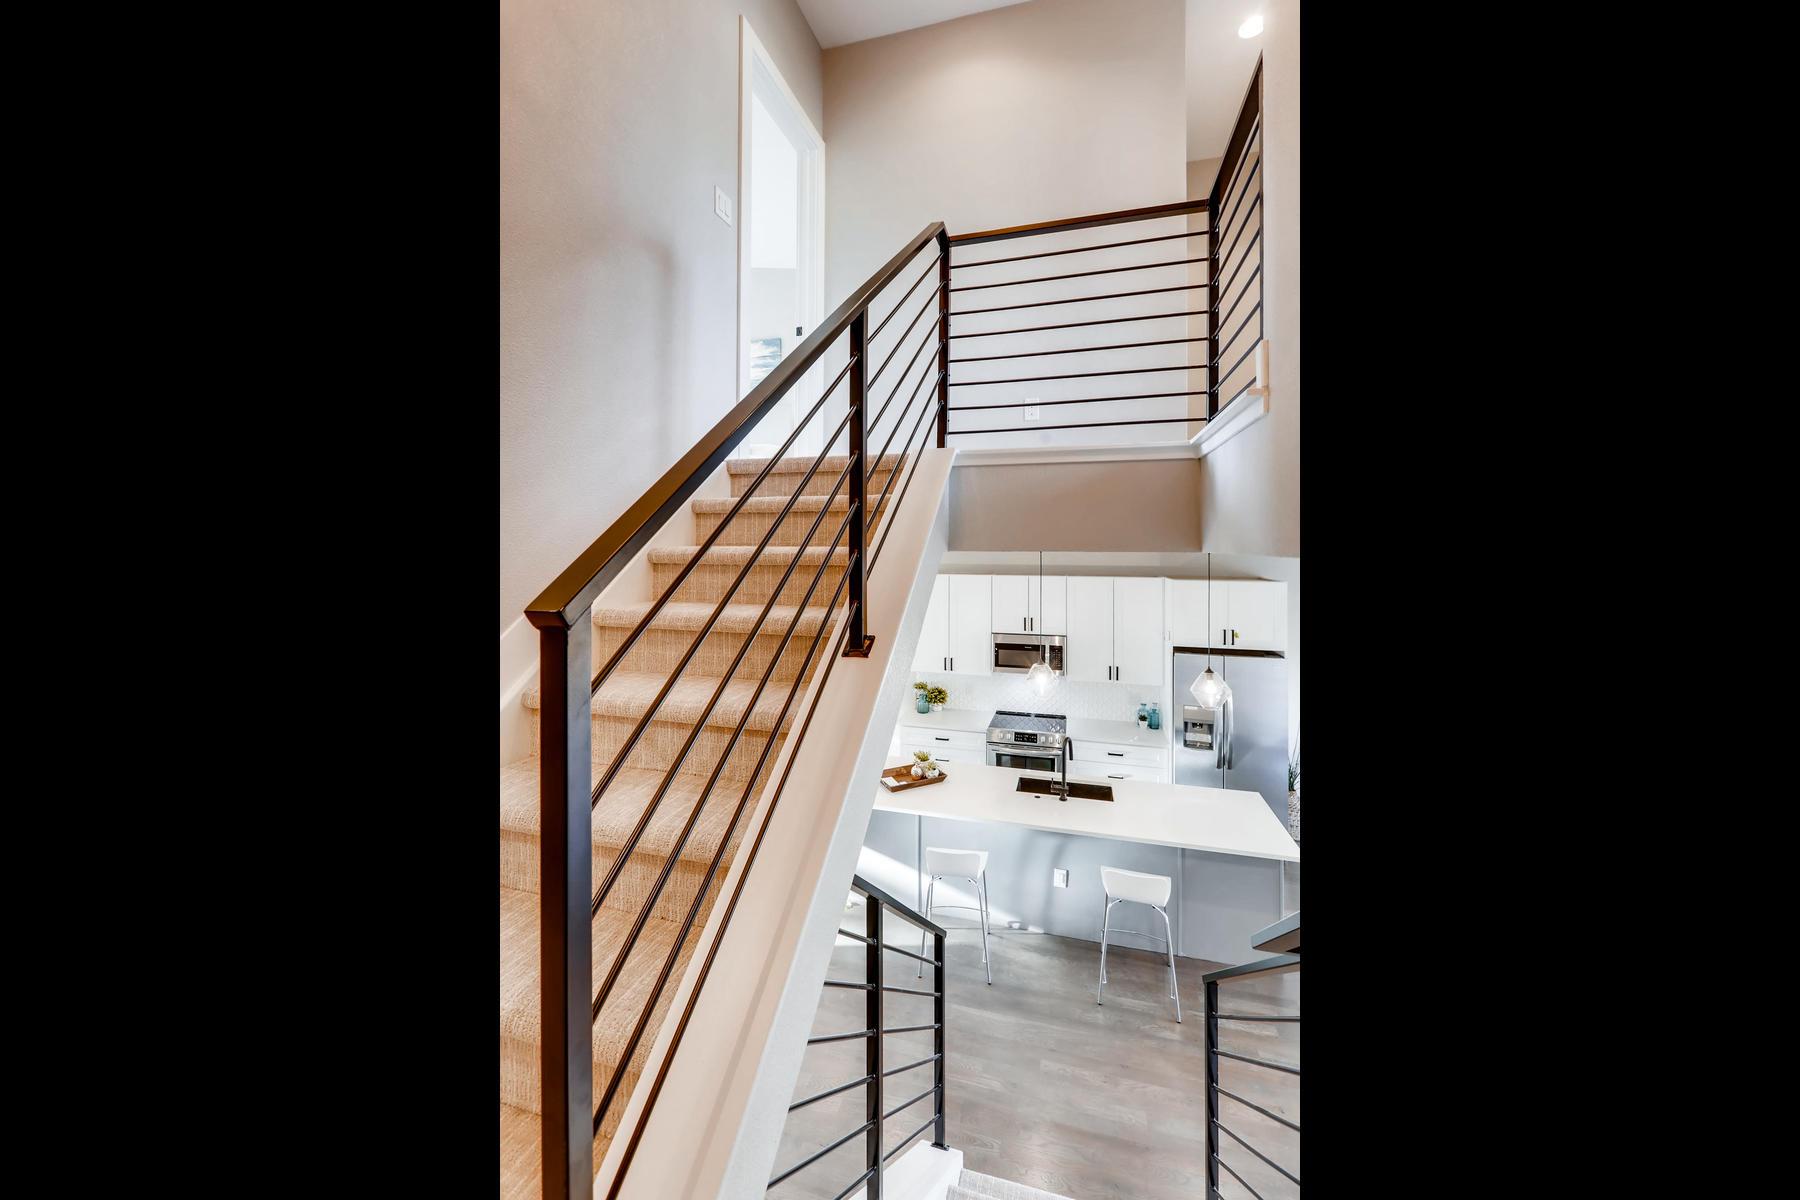 3105 S Cherokee St Englewood-015-2-Stairway-MLS_Size.jpg